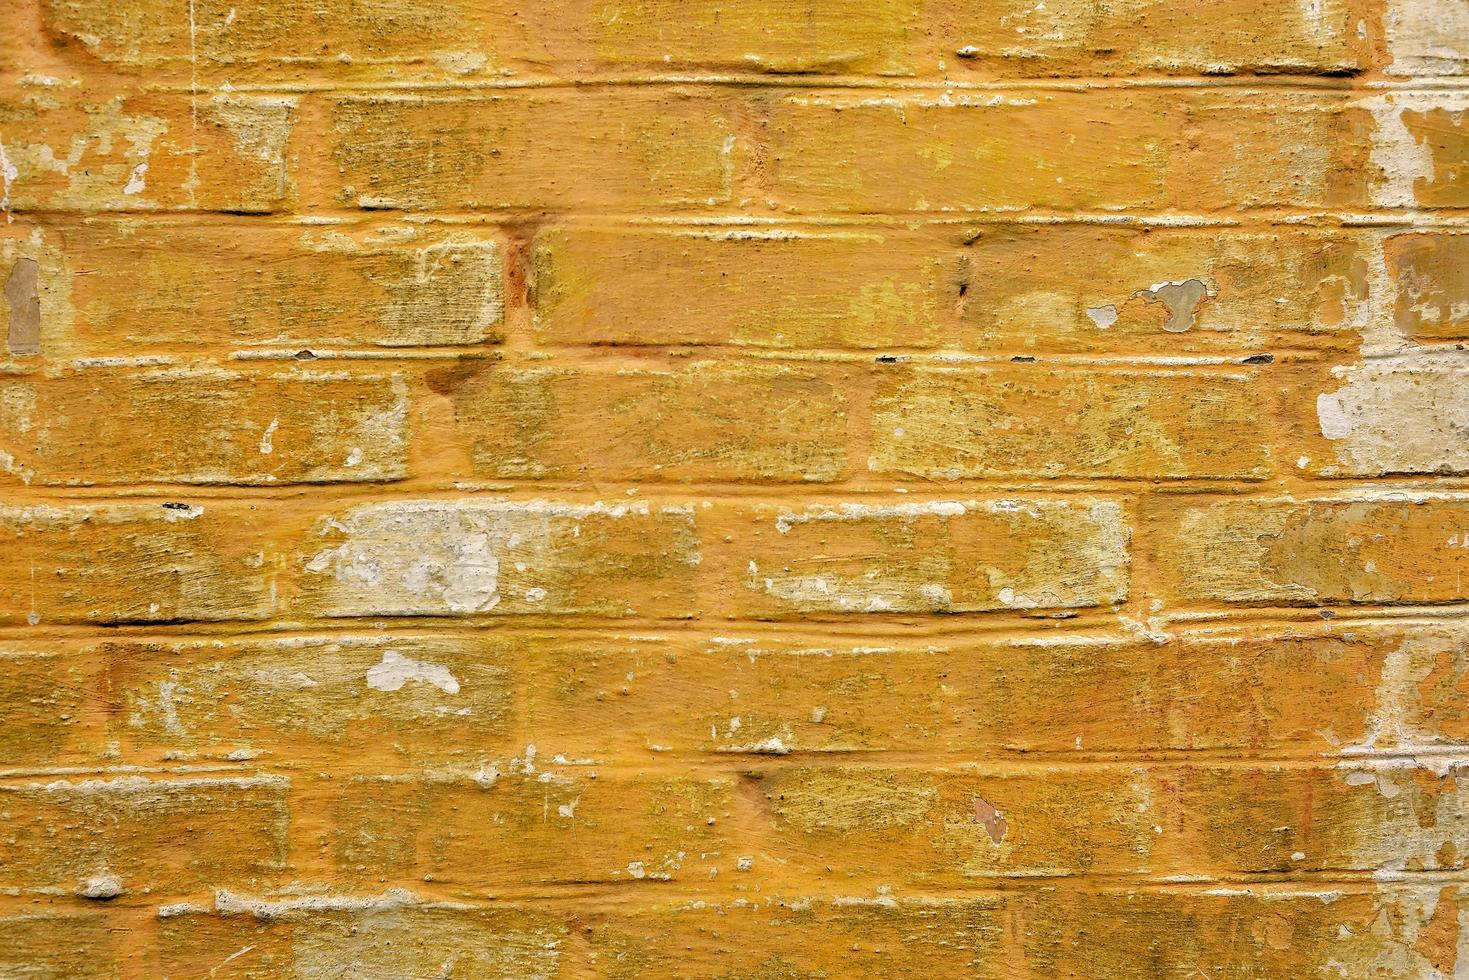 muro di mattoni gialli ruvidi con vernice scrostata. trama per lo sfondo foto